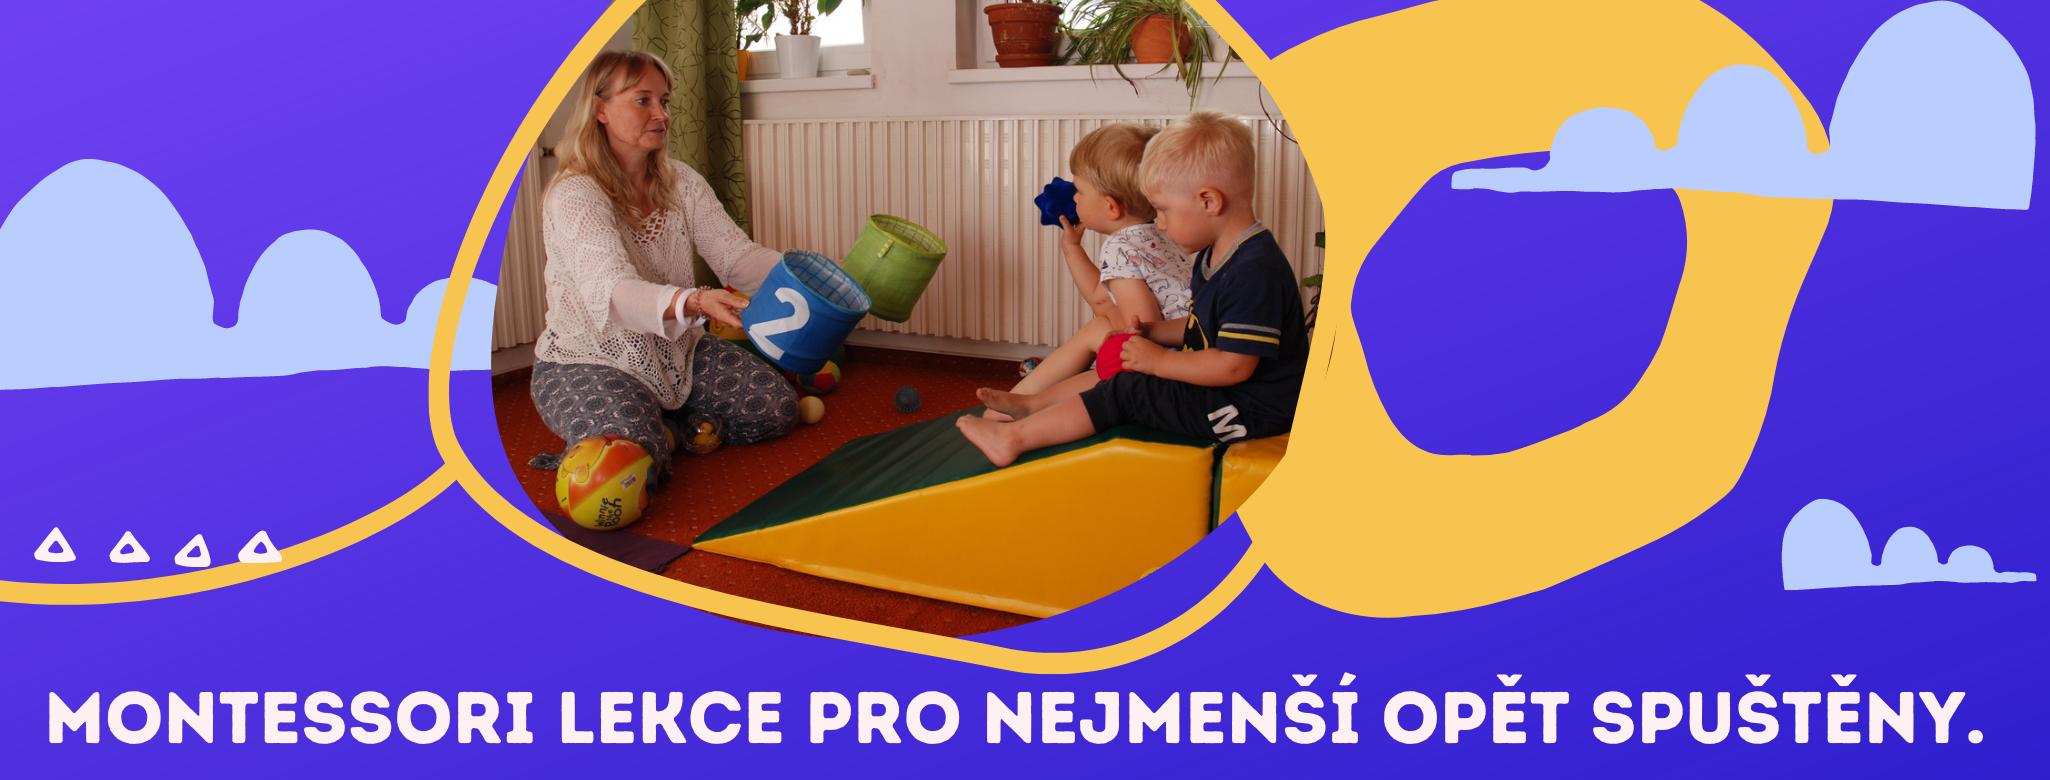 banner Montessori lekce pro nejmenší